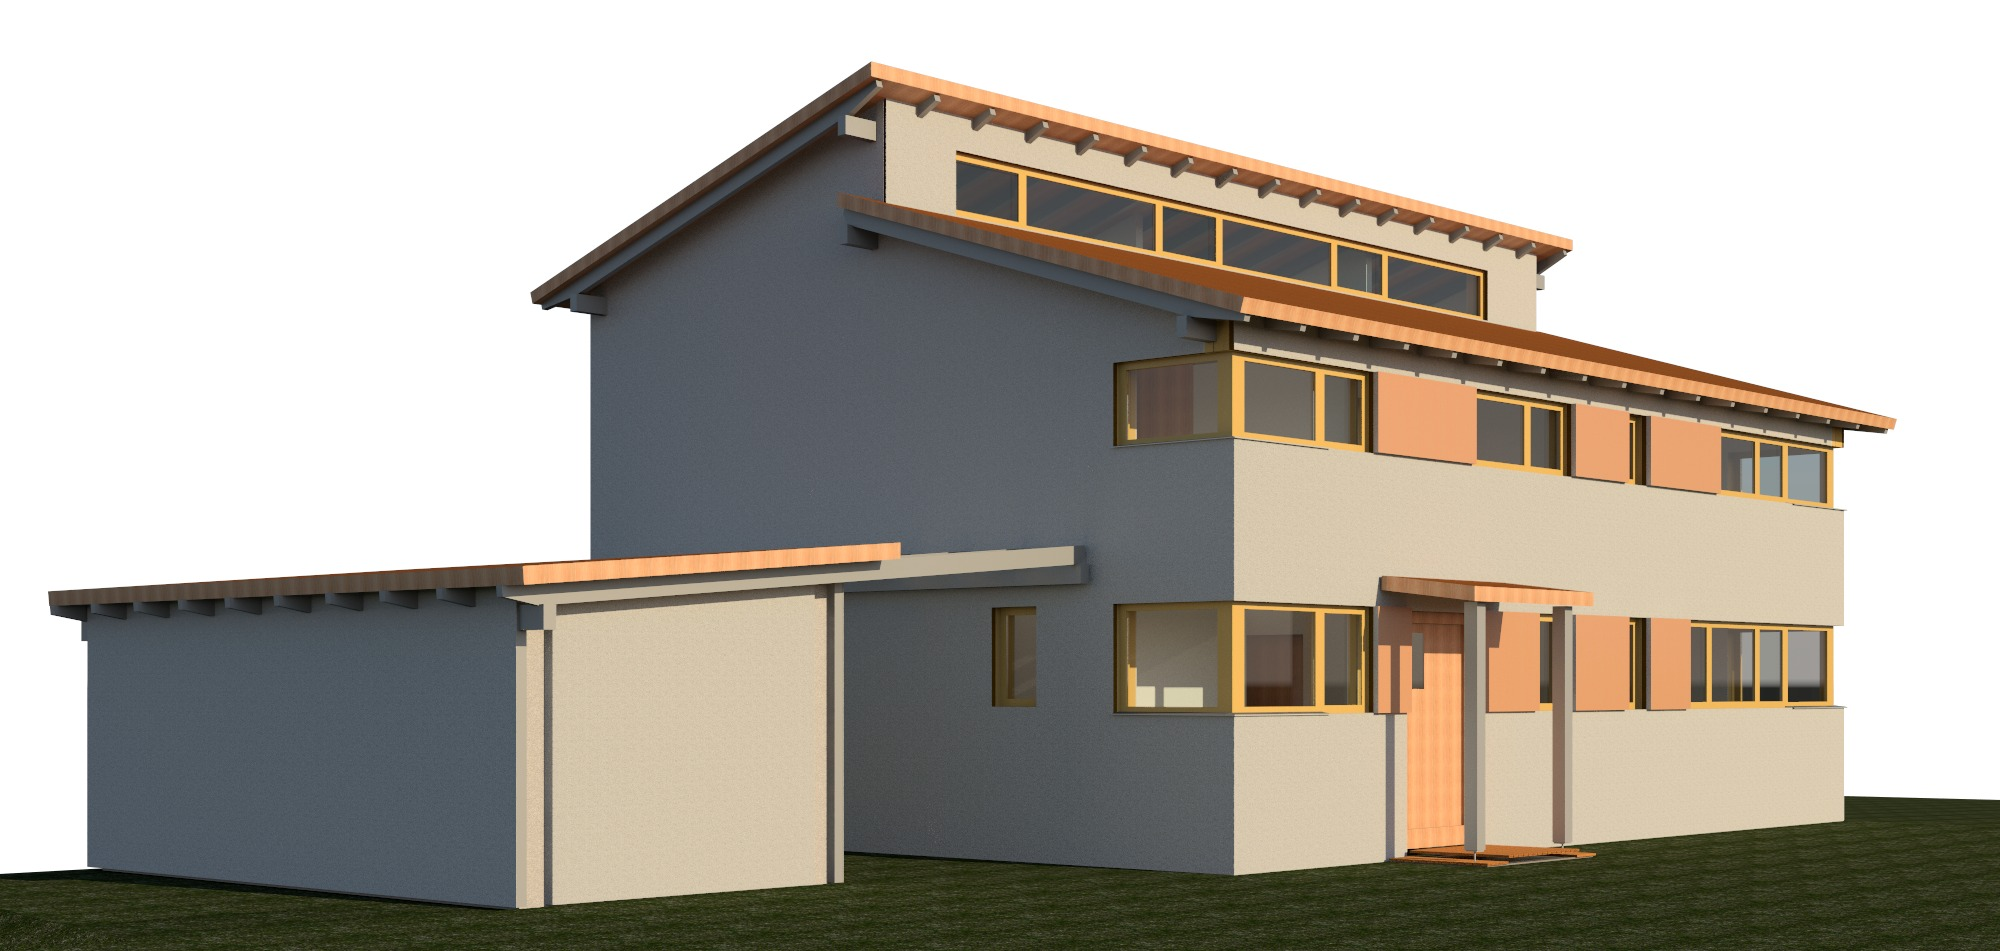 Raas-rendering20150312-26058-17ulpza